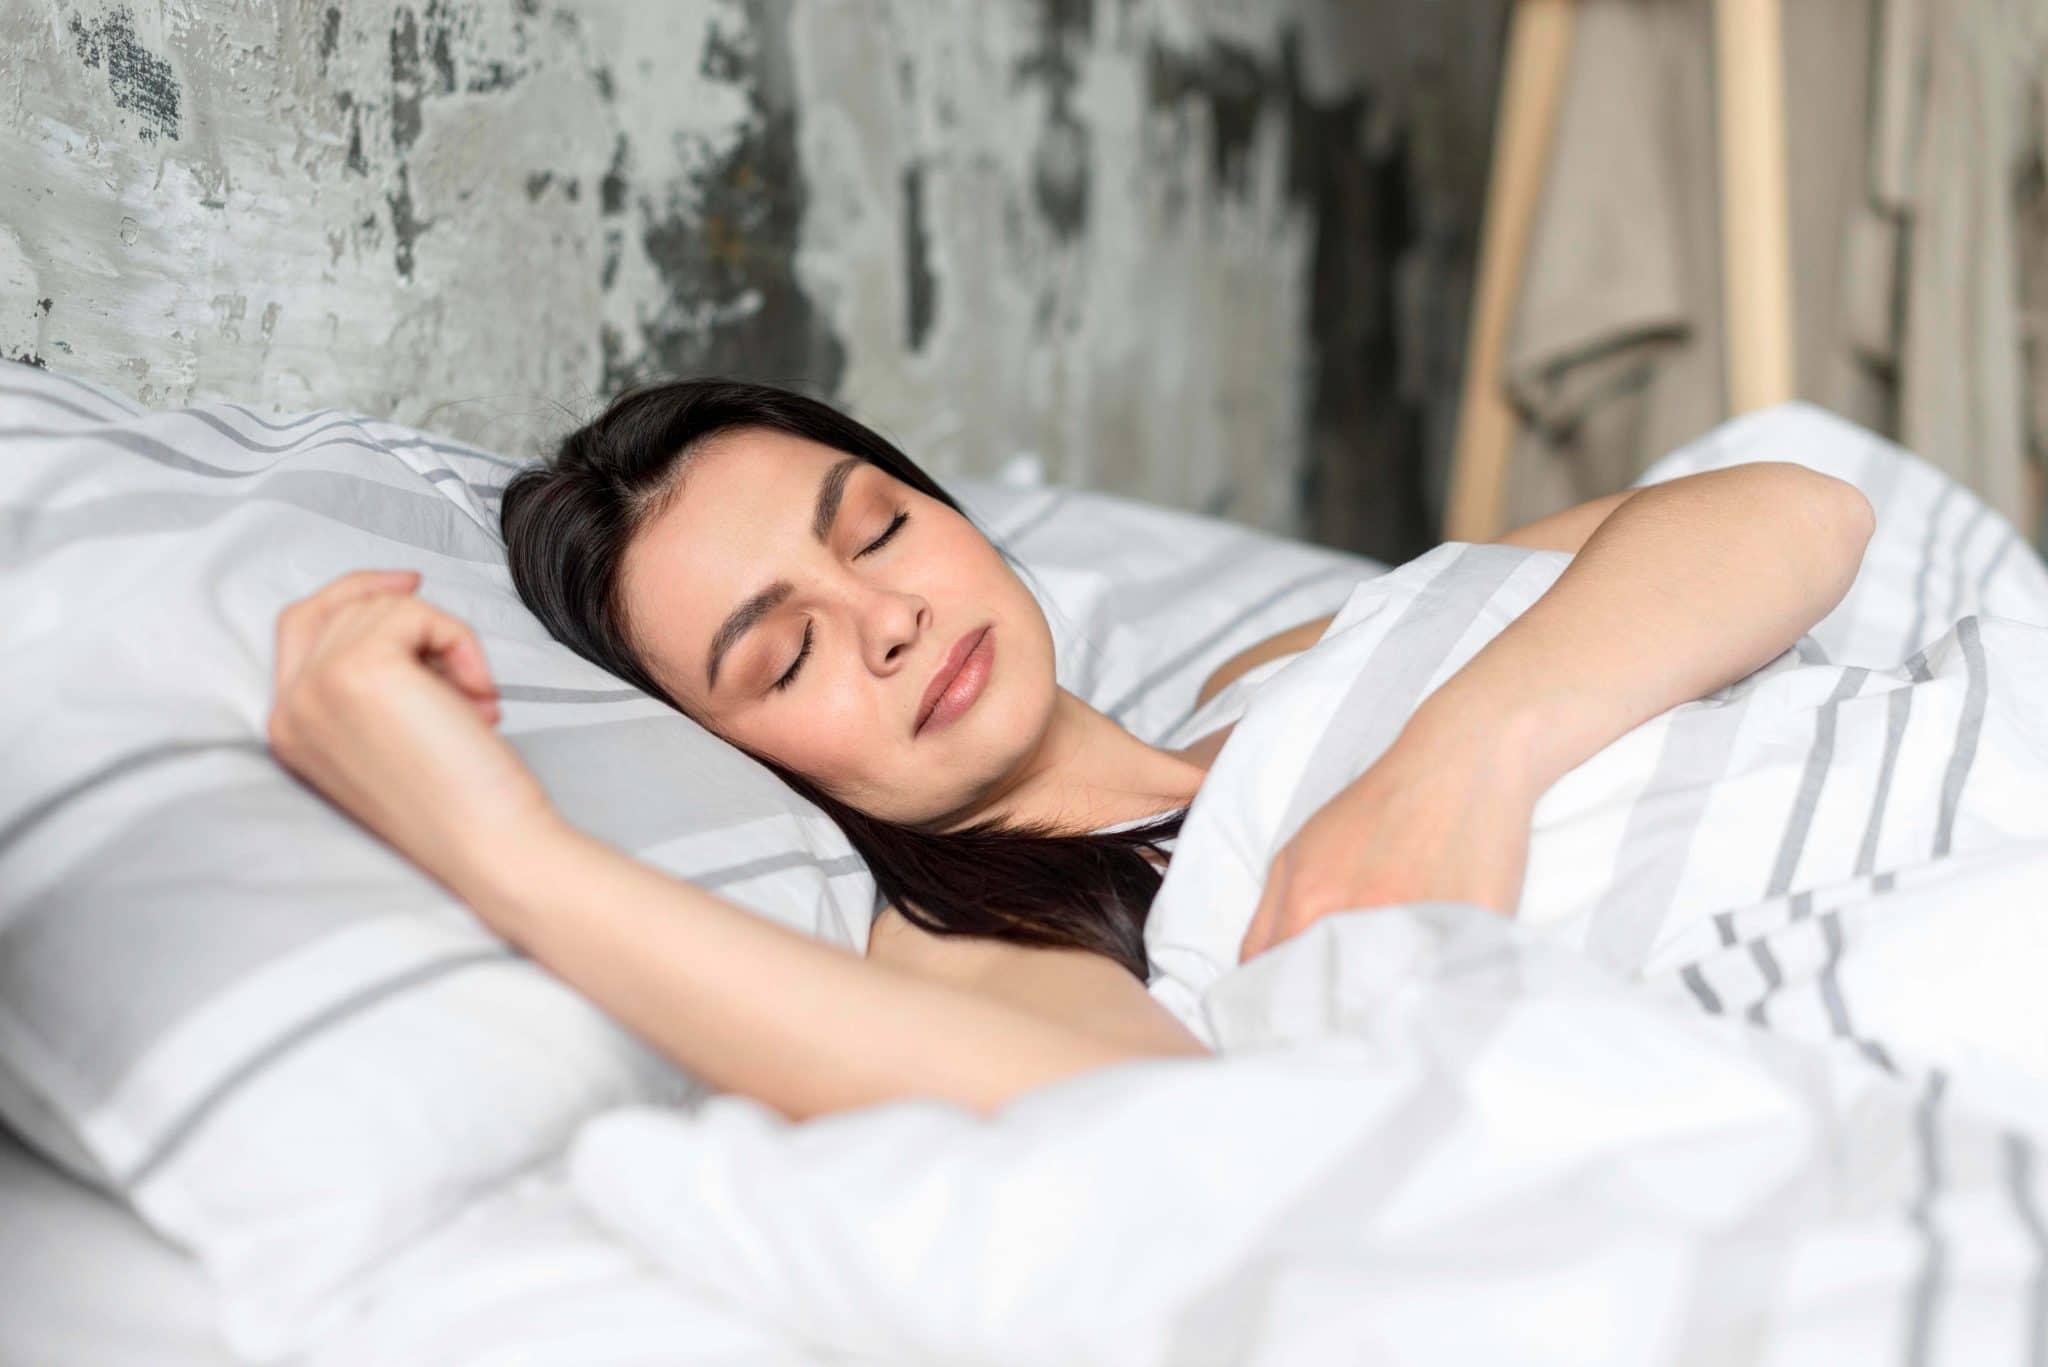 perdre du poids avec plus de sommeil